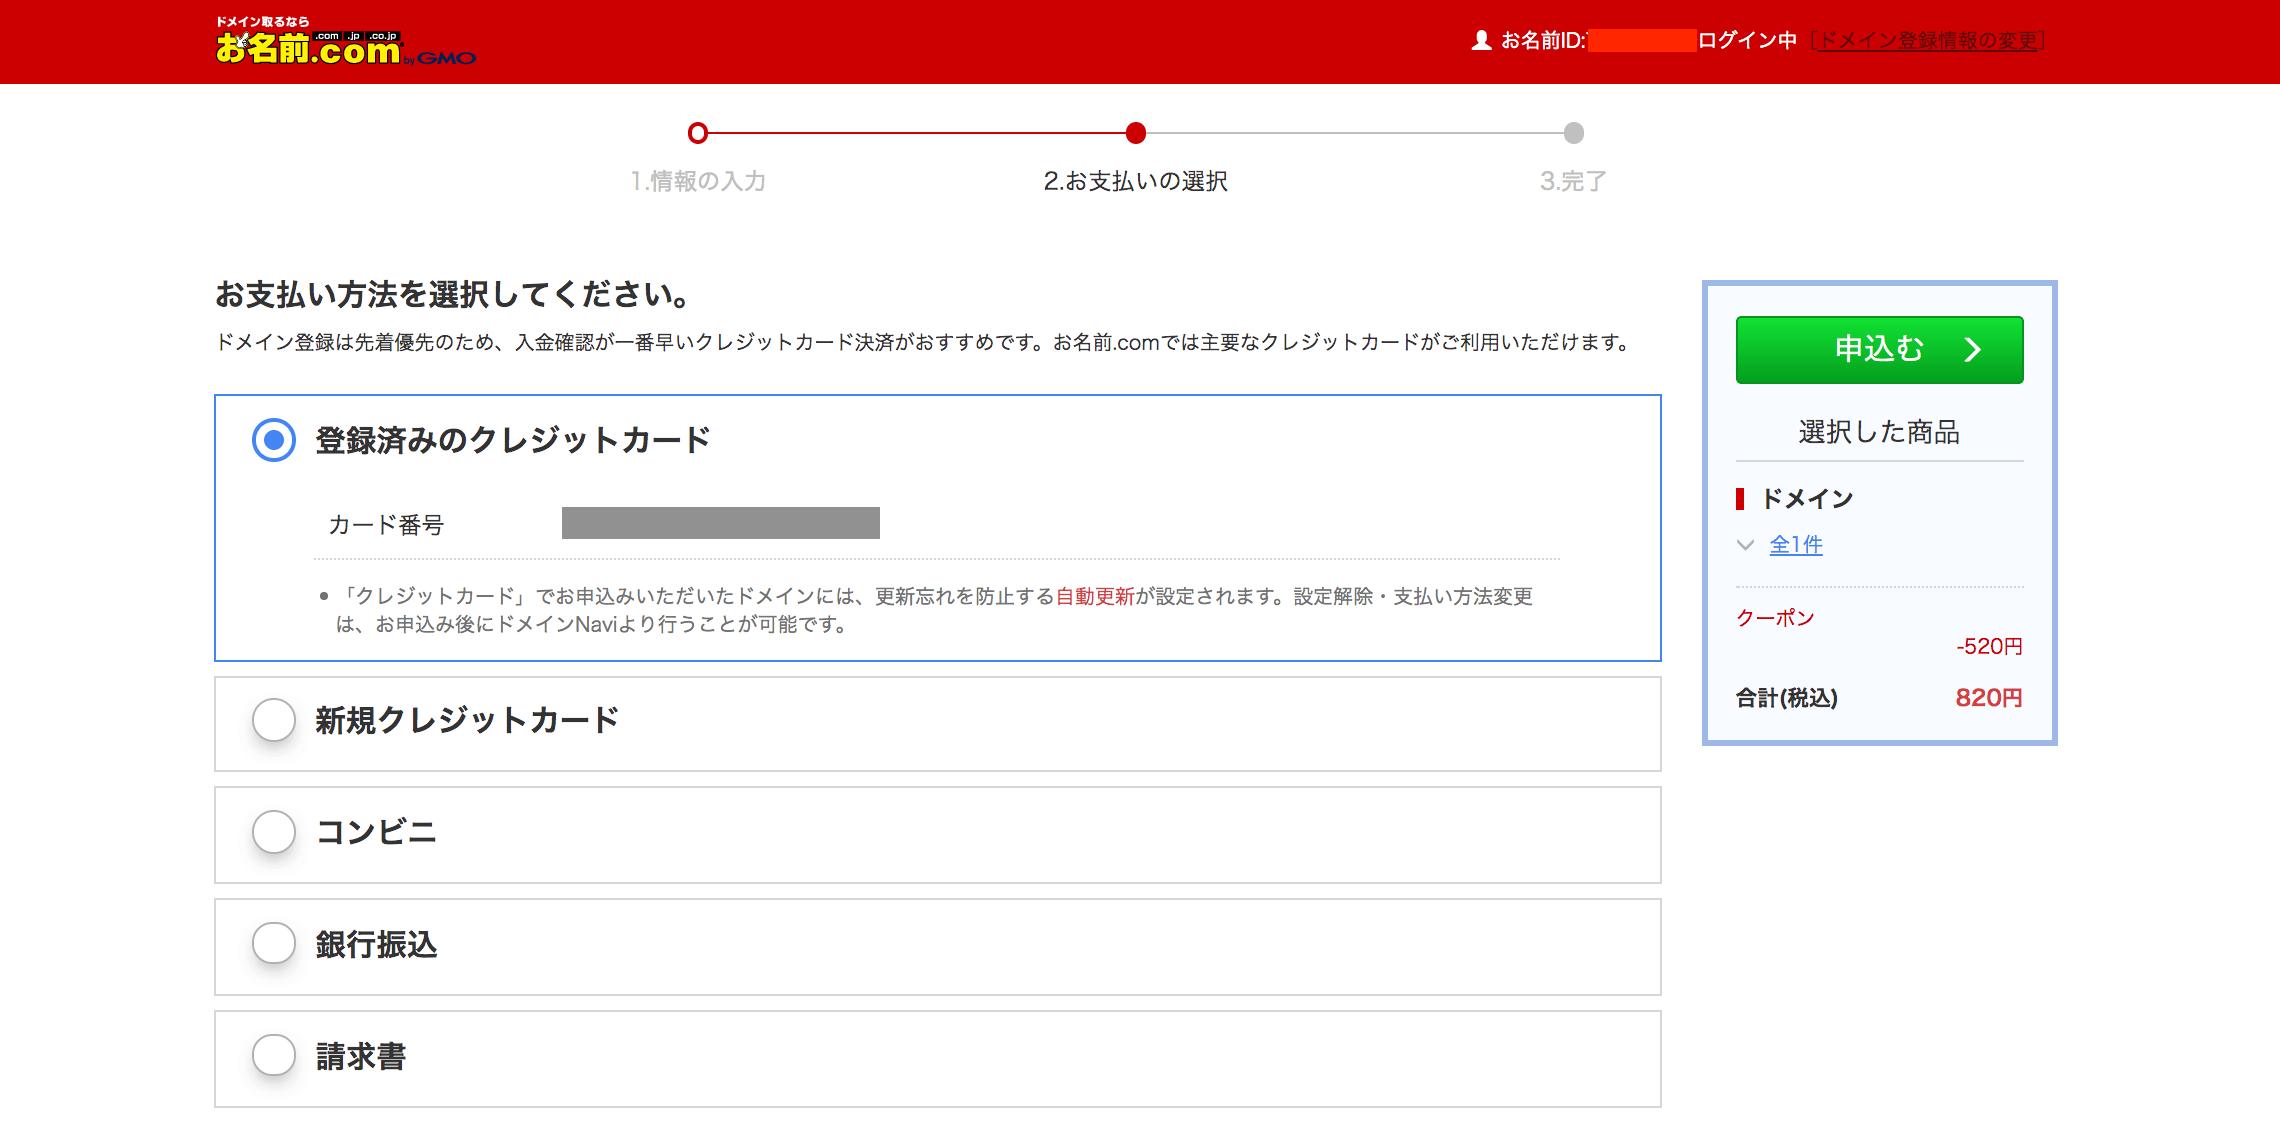 お名前ドットコムのドメイン料金支払い方法の選択